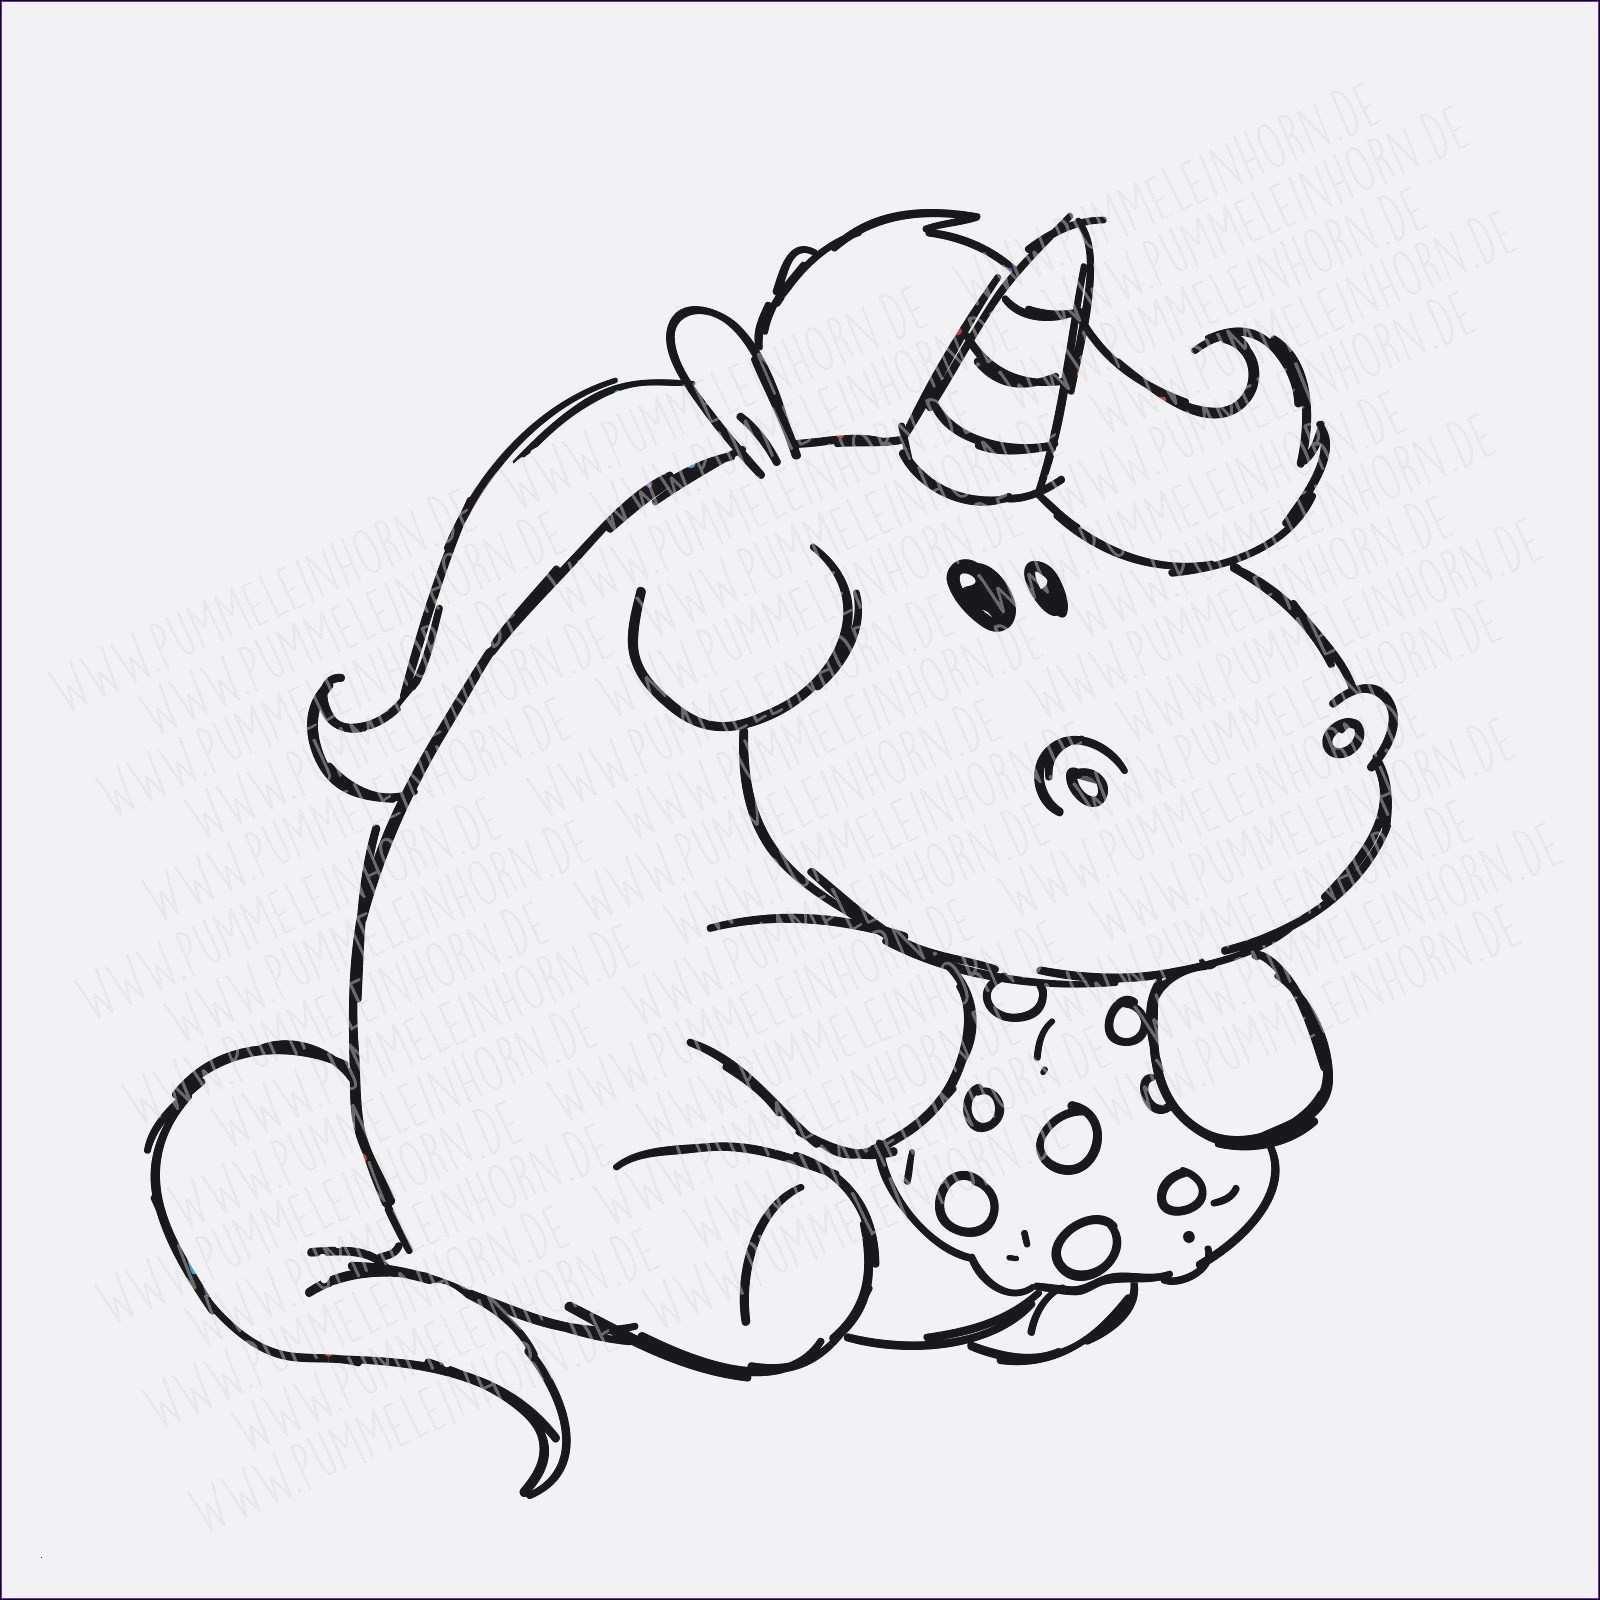 Nashorn Zum Ausmalen Frisch Einhorn Mandalas Zum Ausdrucken Bild Mandala Nashorn Vorlage Das Bild